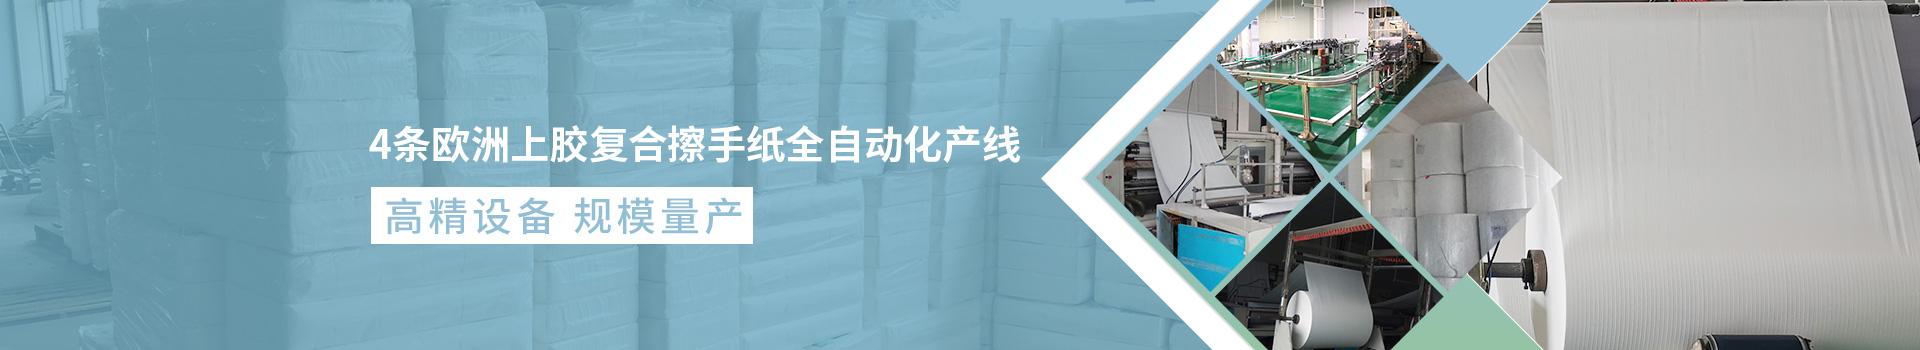 洁诺高精设备、规模量产